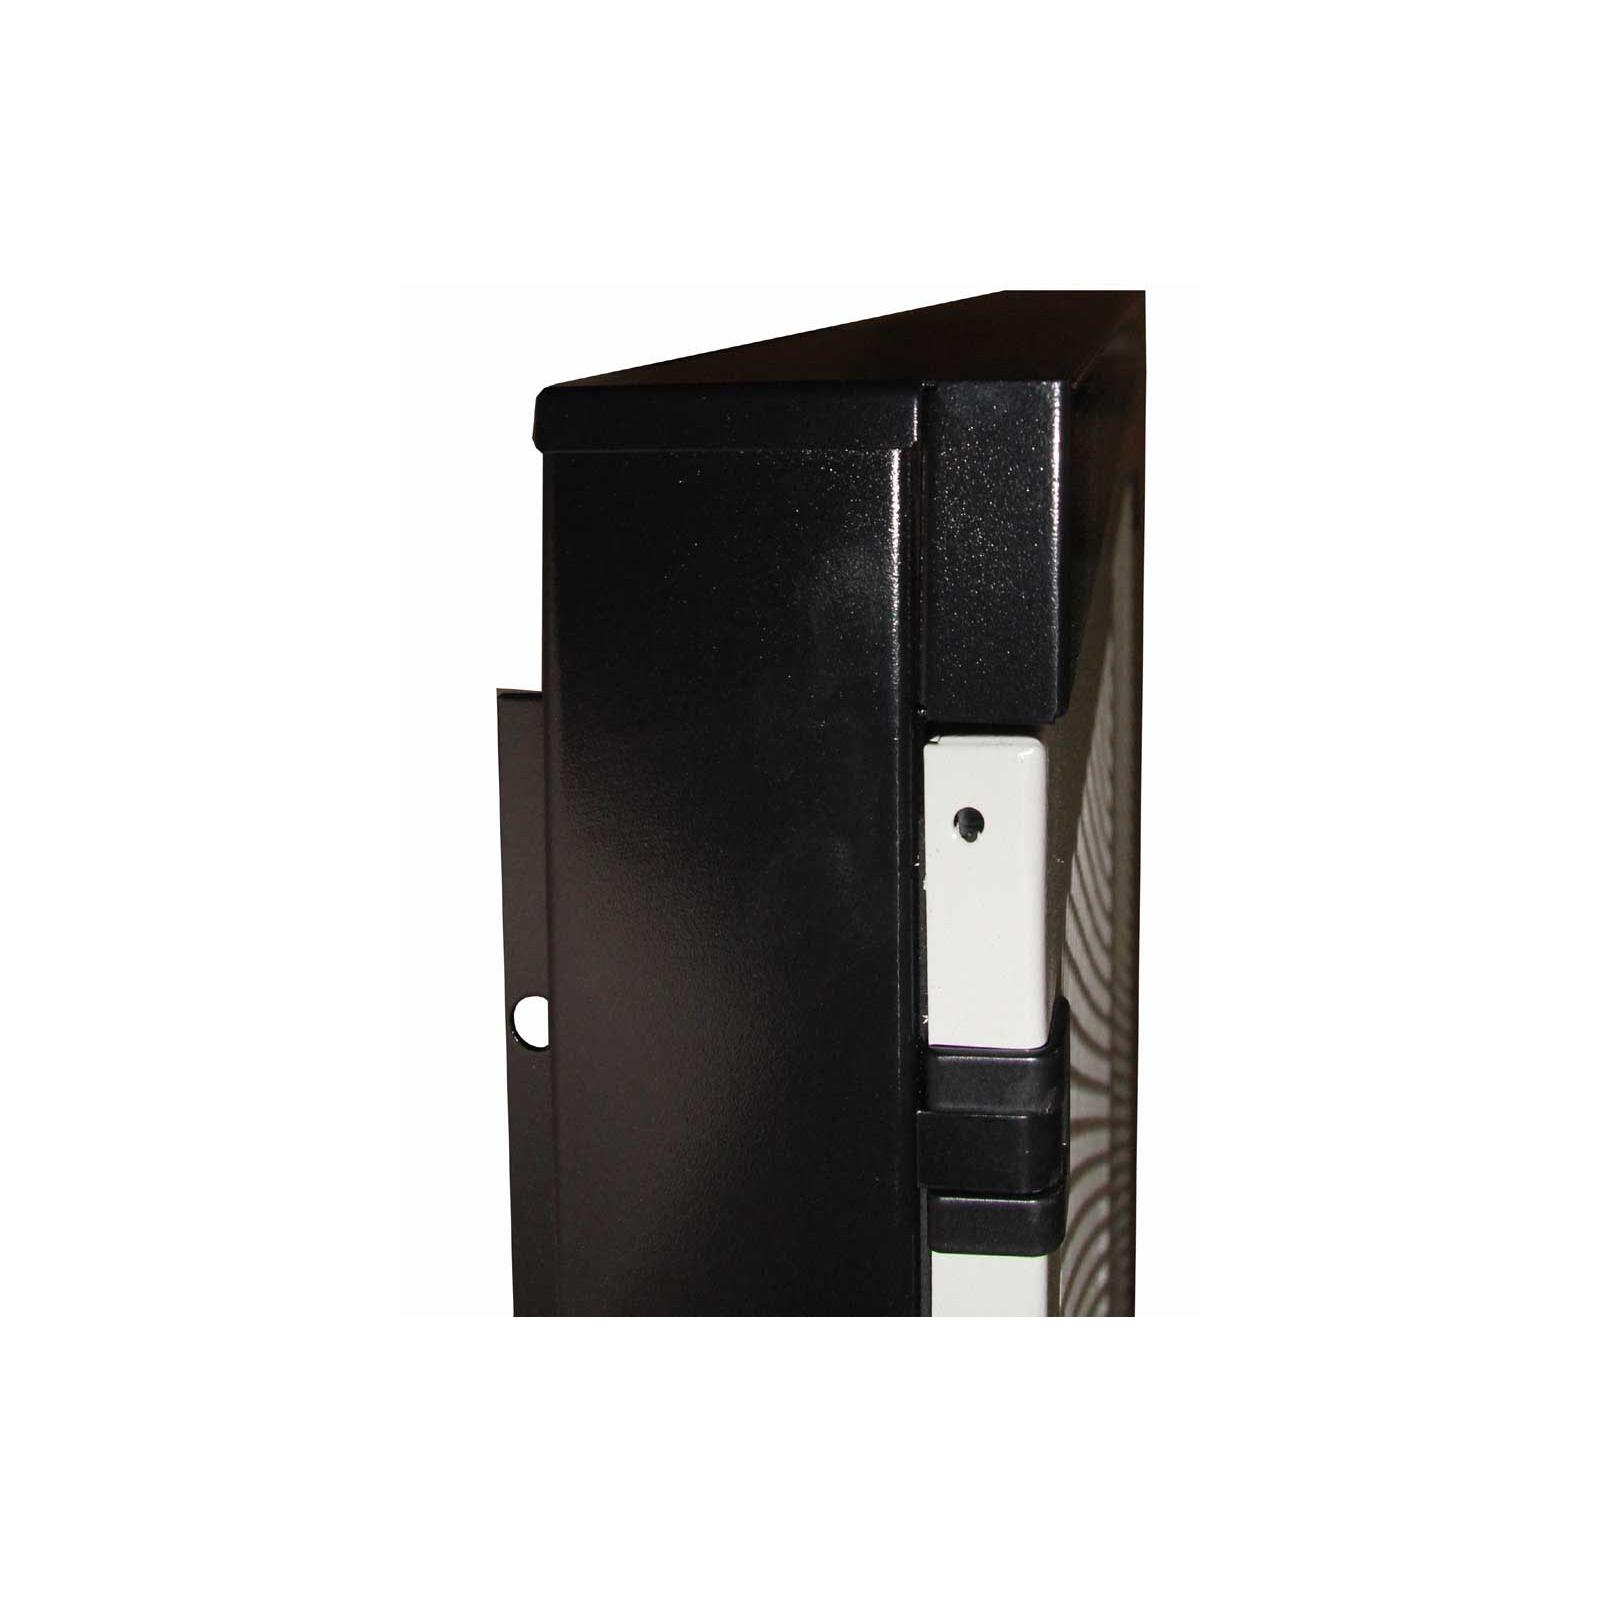 Шкаф напольный CSV 33U Lite Plus 600x600 Perf изображение 3